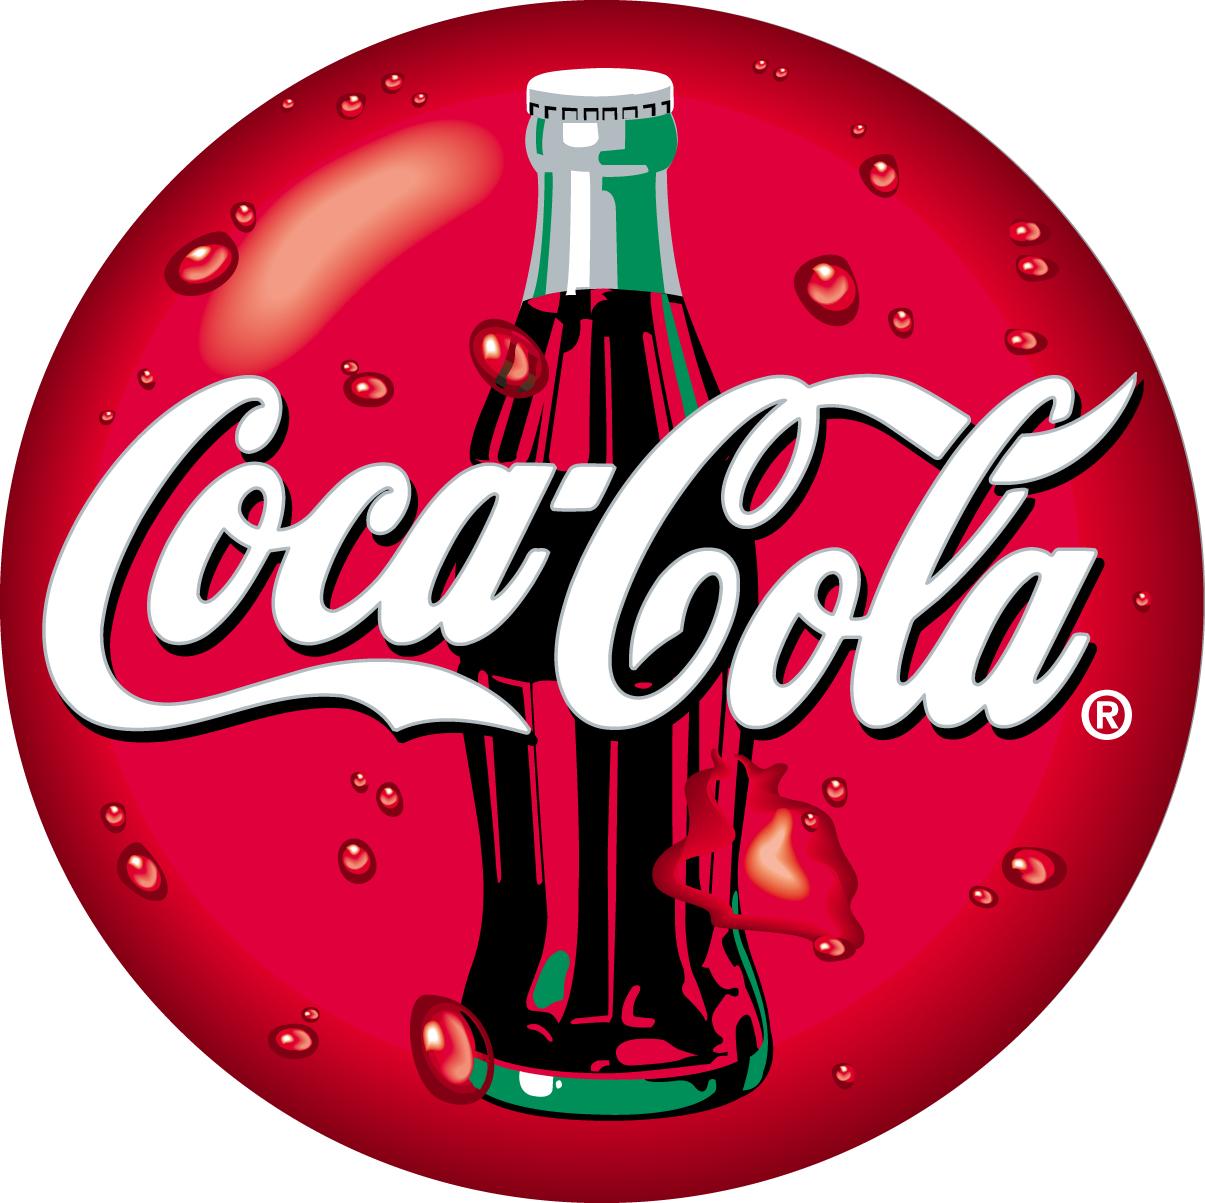 Coca Cola'nın Daha Önce Duymadığınız 10 Kullanım Alanı